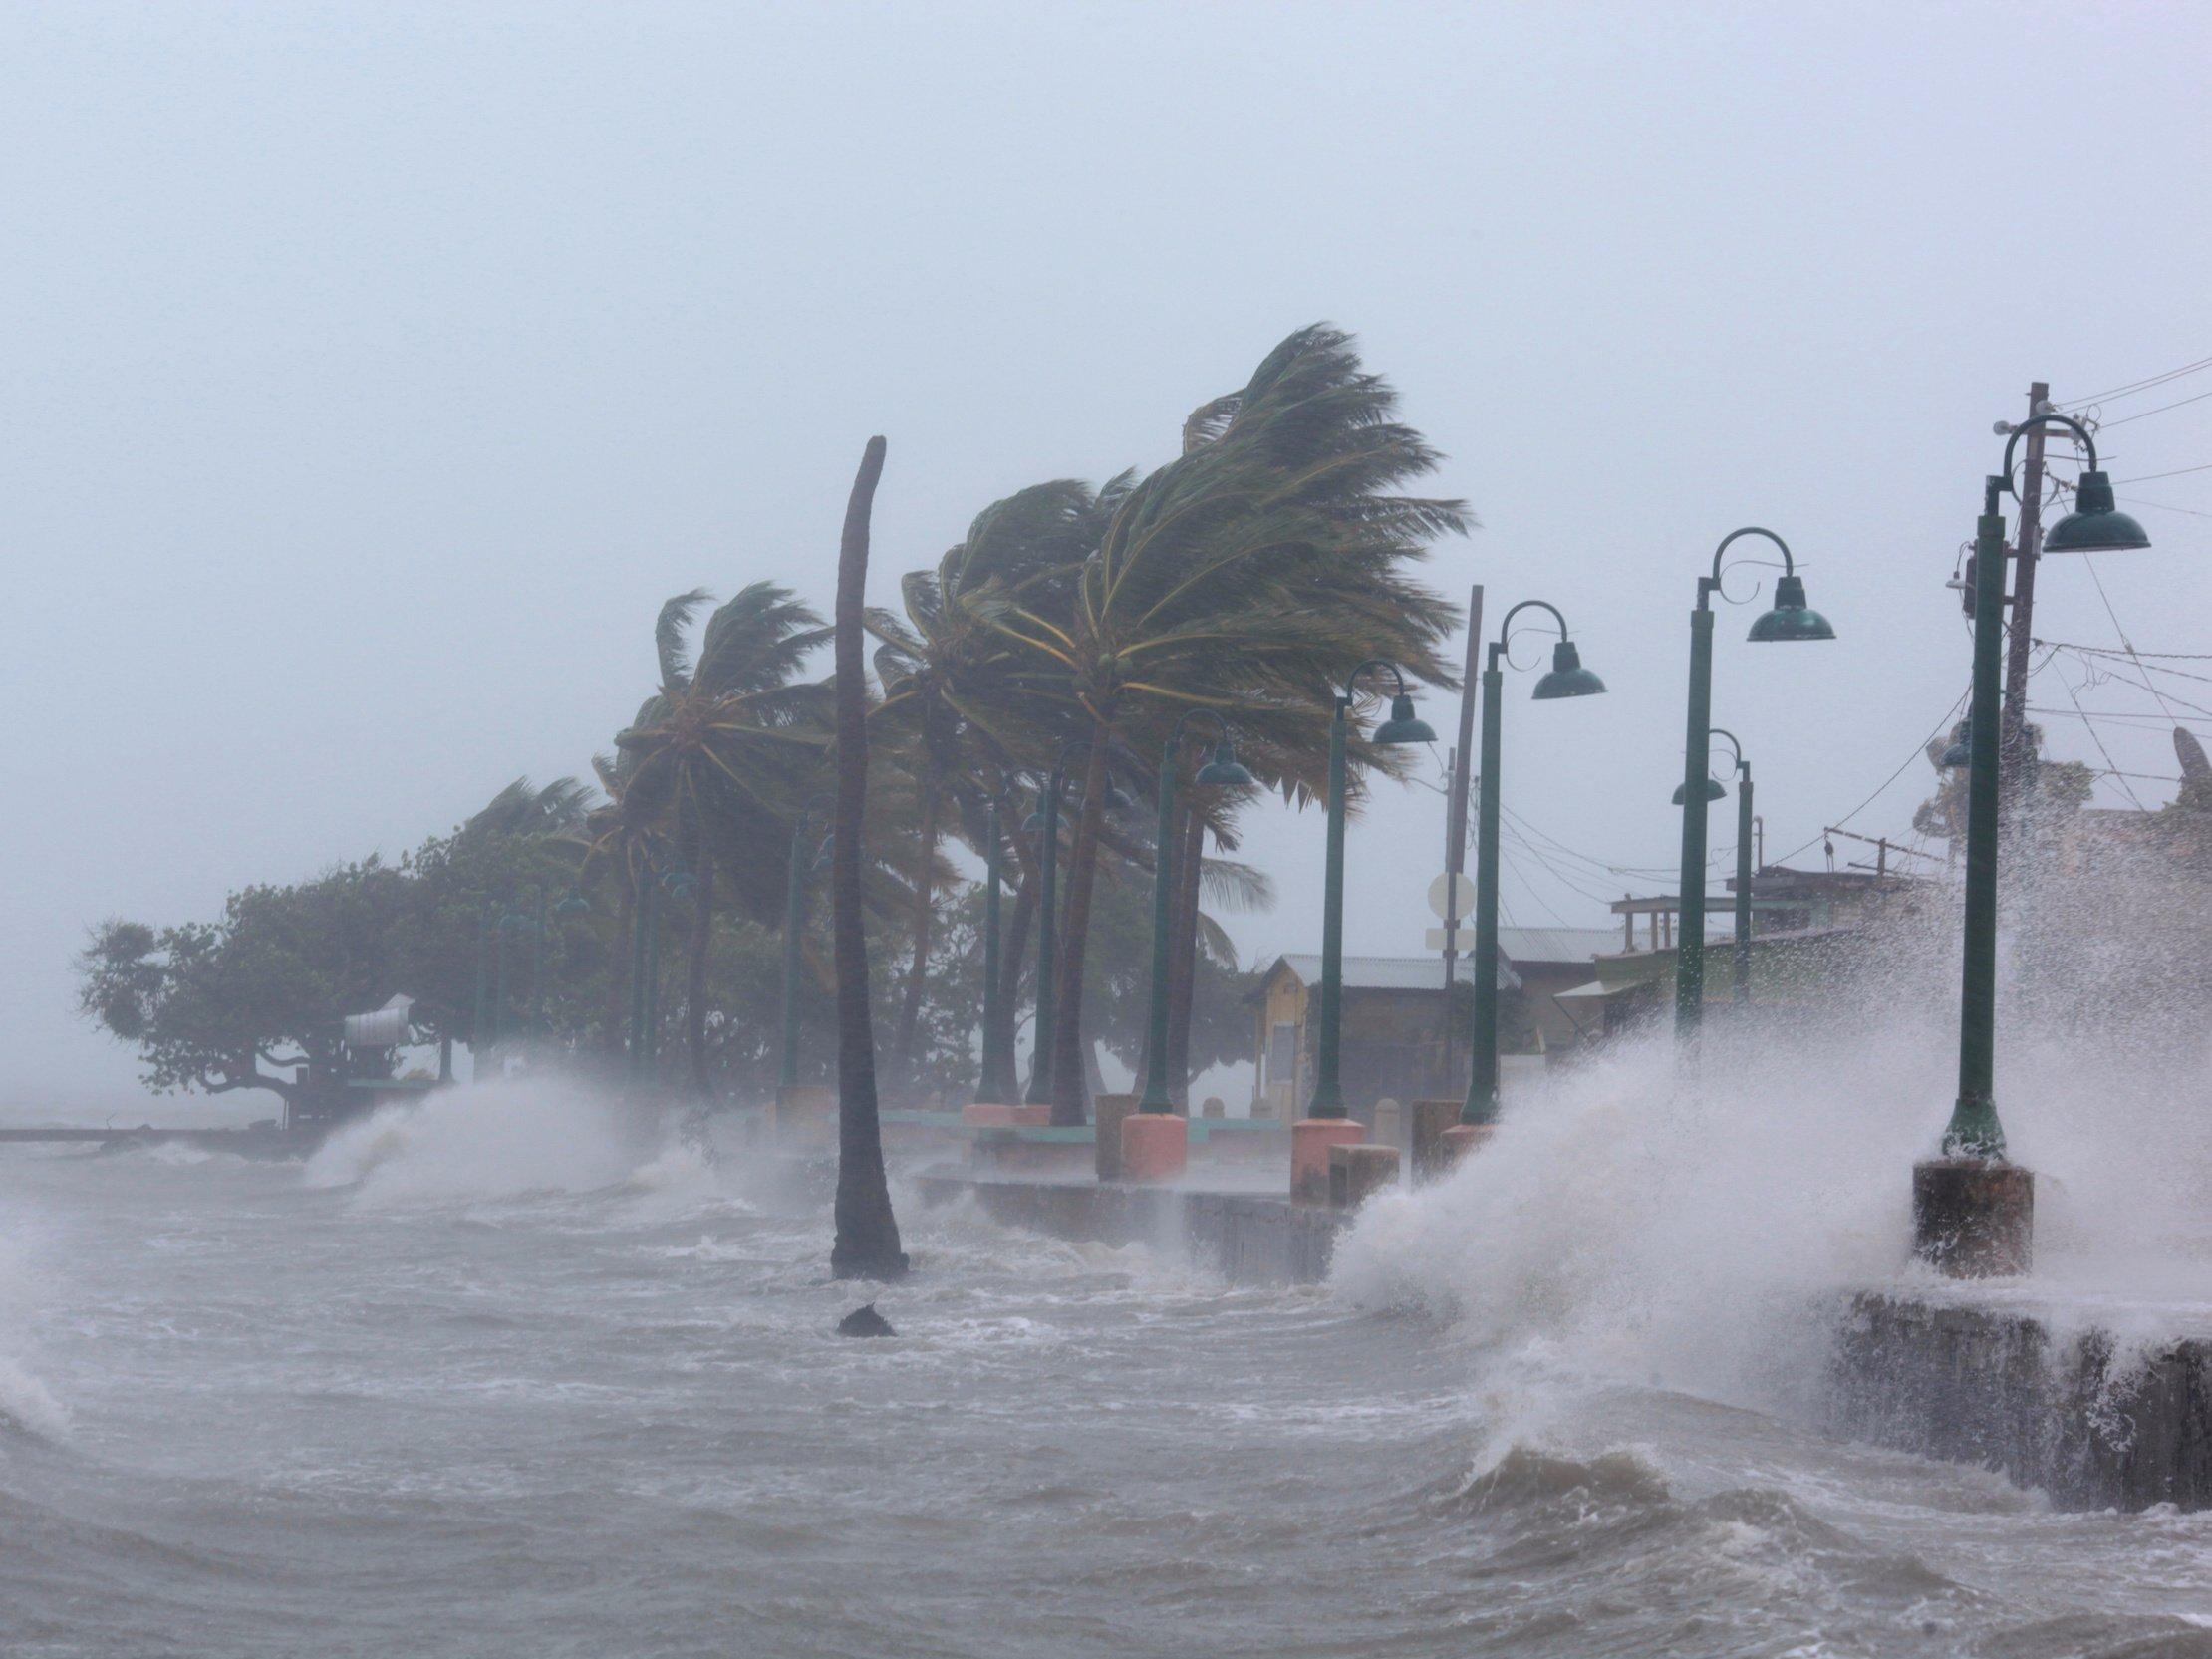 Maral dos infernos em Porto Rico.